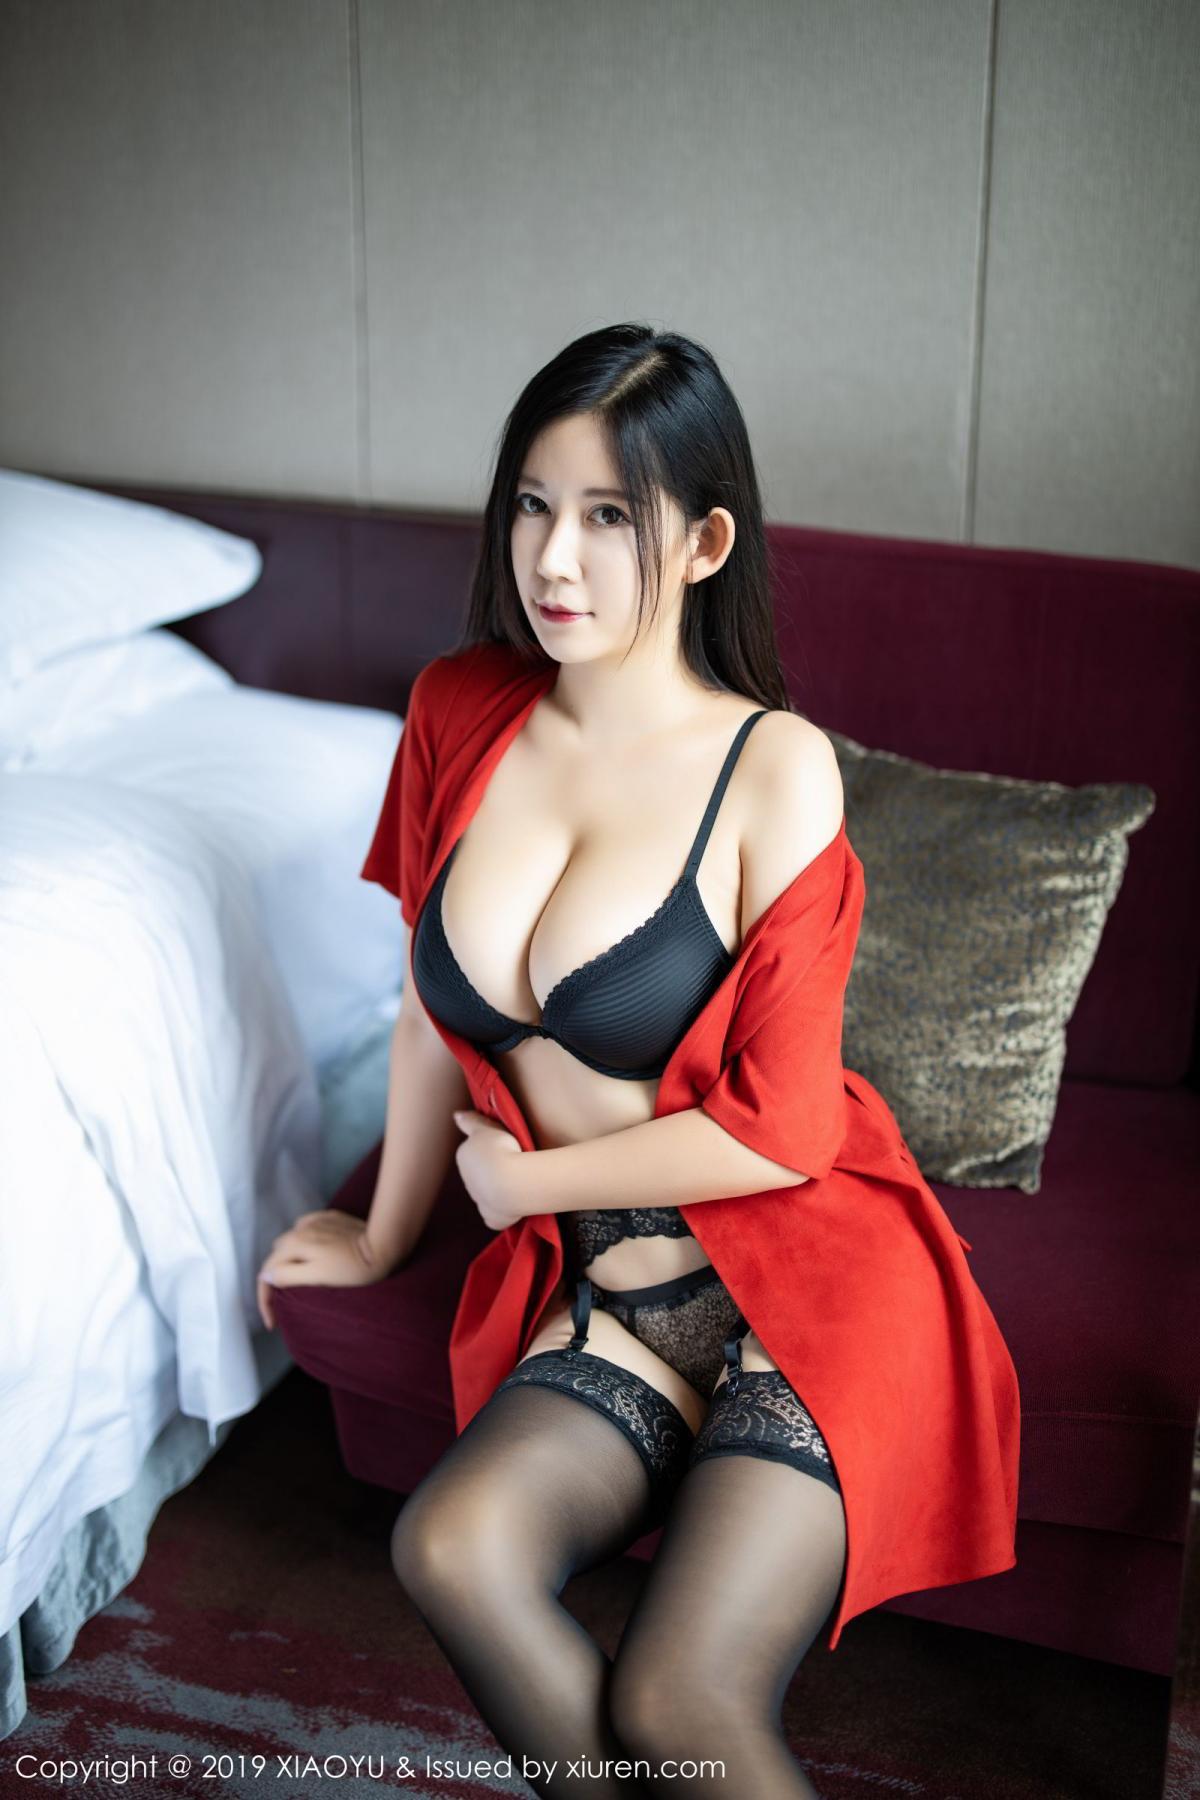 [XiaoYu] Vol.166 Li Ya 13P, Li Ya, Underwear, XiaoYu